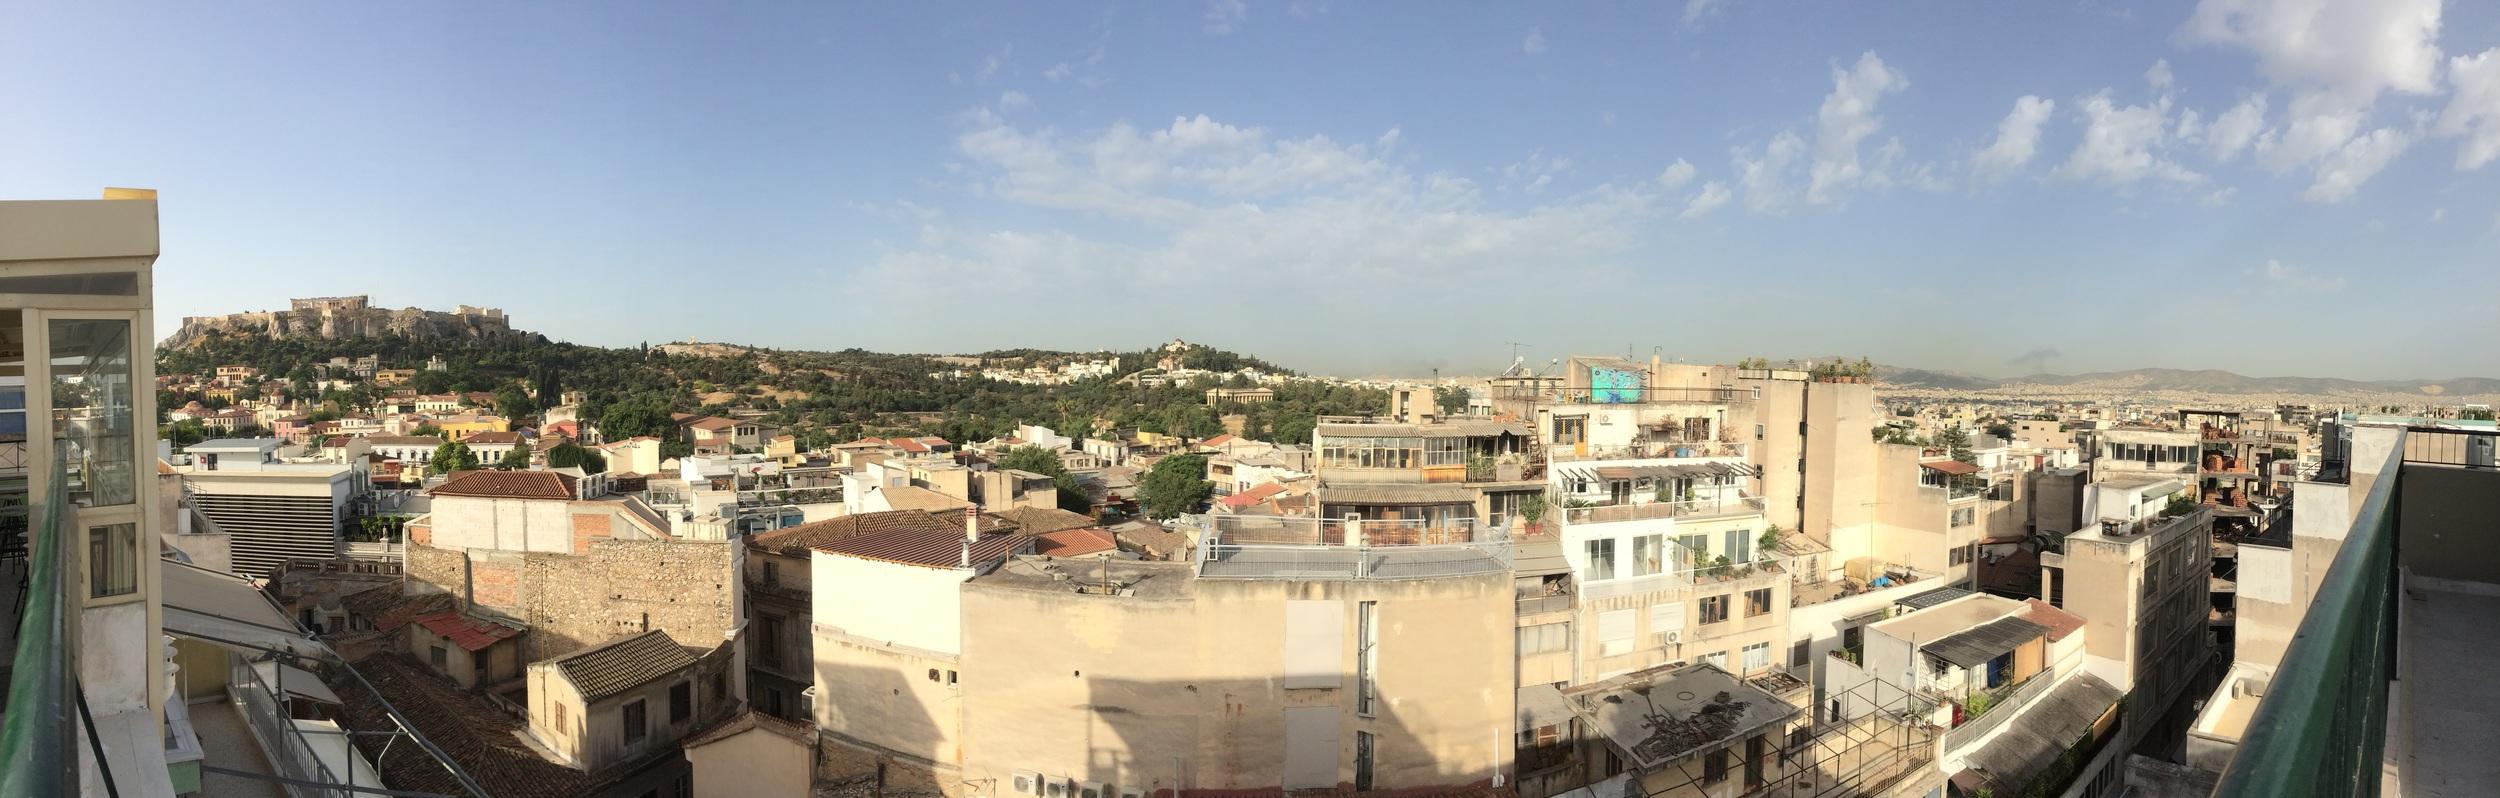 View of Athens/Acropolis